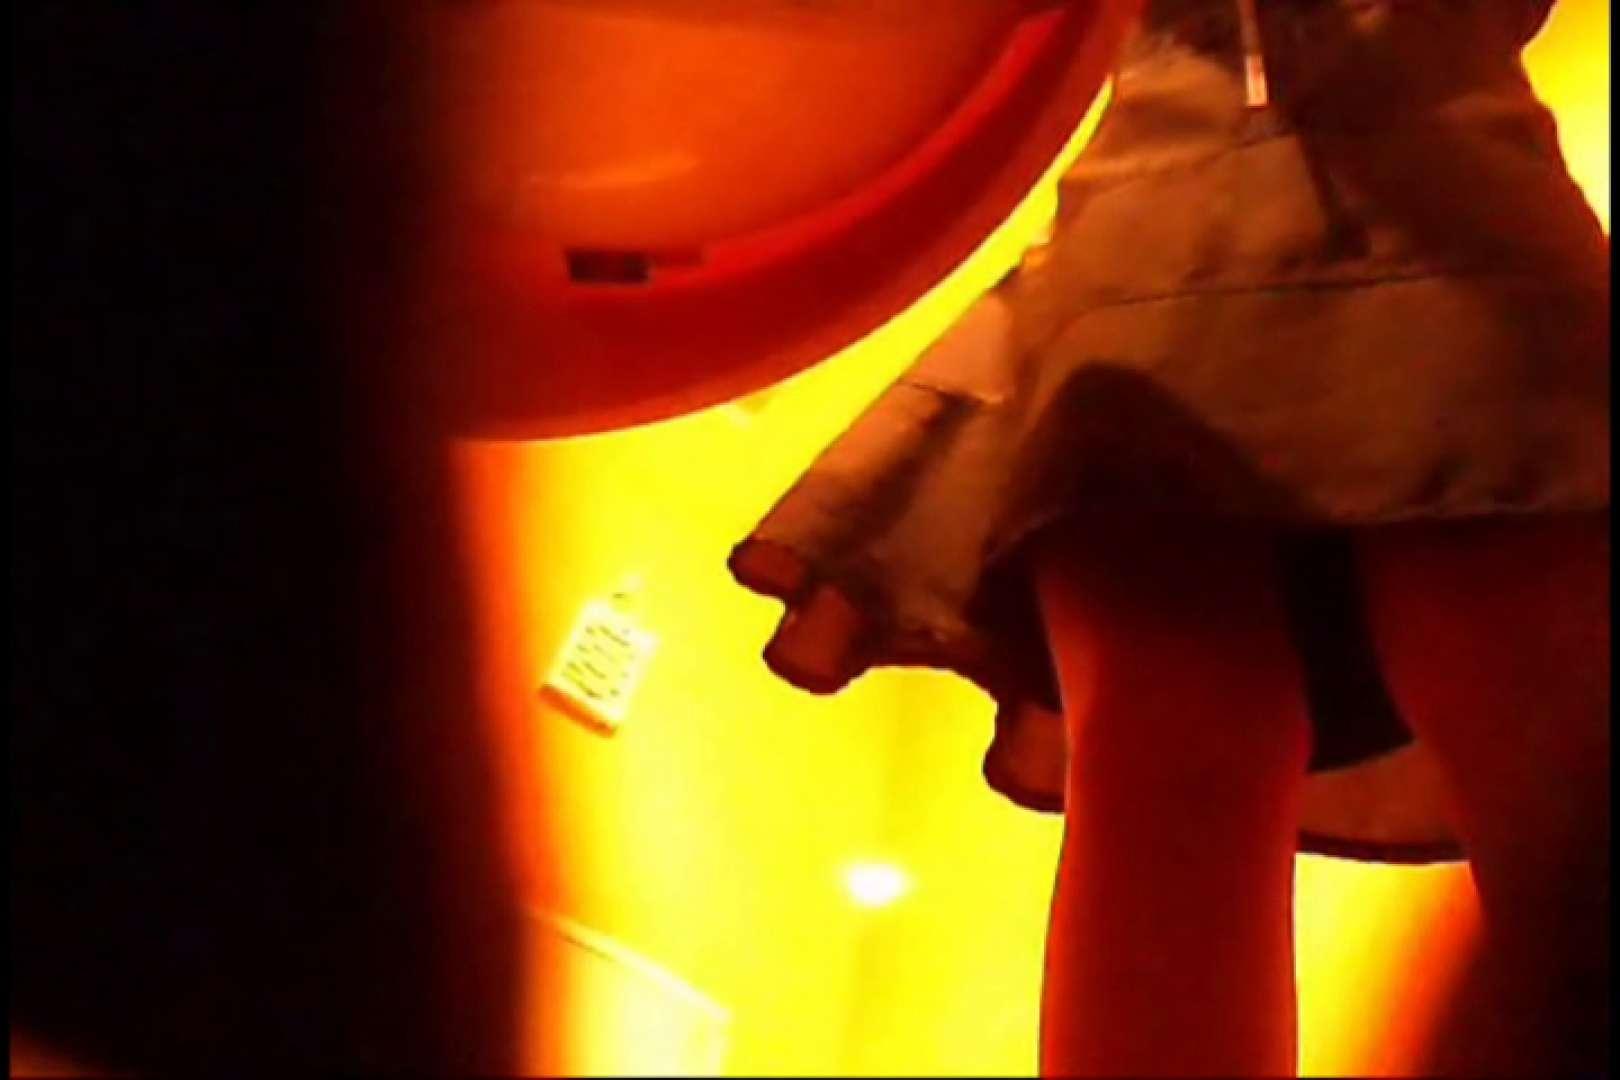 潜入!!女子化粧室盗撮~絶対見られたくない時間~vo,59 細身 AV無料 92pic 47